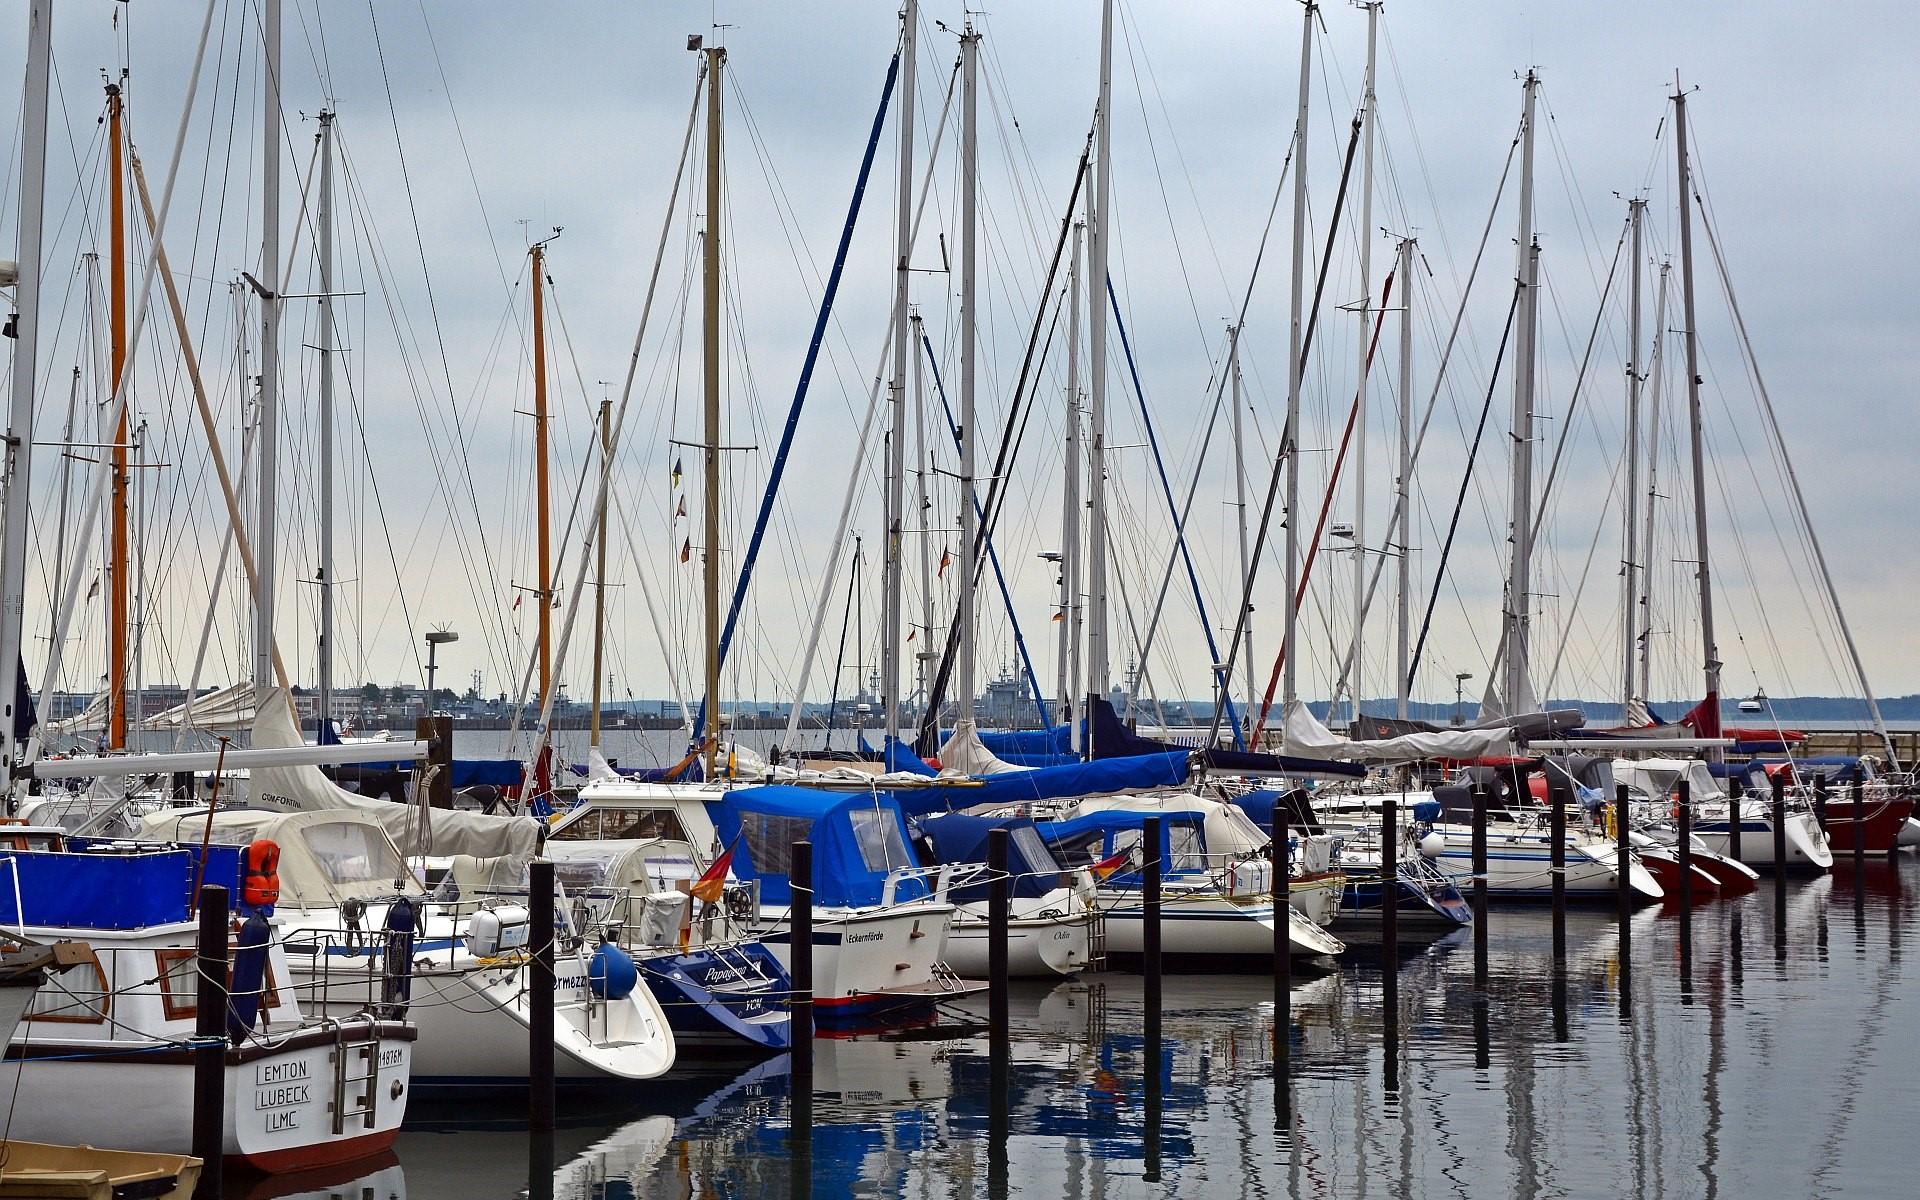 Der Rumpf von Segelschiffen ist mehrheitlich aus Glasfaserverstäkten Kunststoffen gebaut.